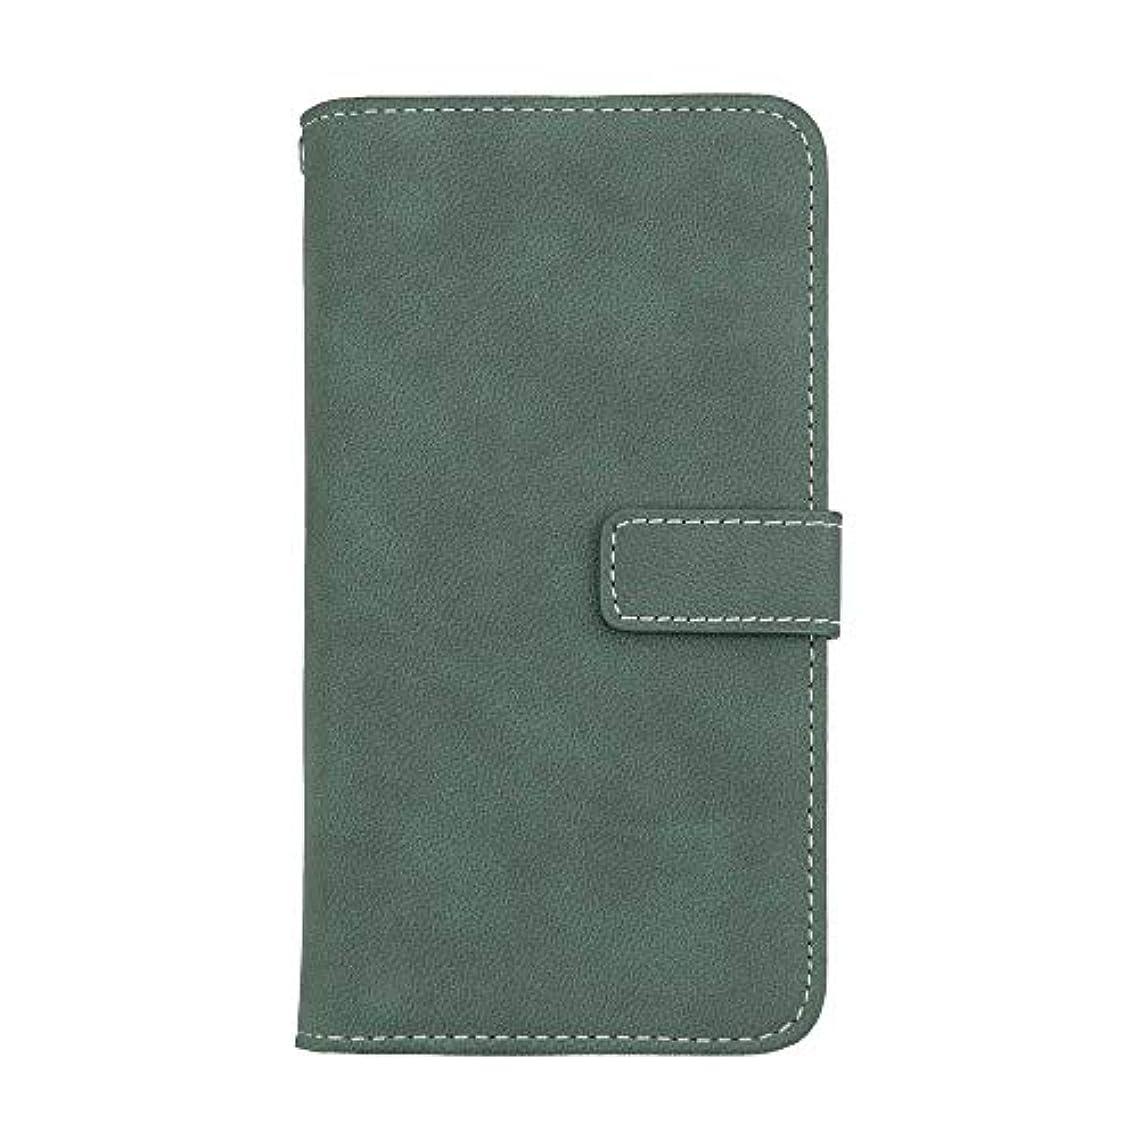 行為高速道路高いXiaomi Redmi Note 3 高品質 マグネット ケース, CUNUS 携帯電話 ケース 軽量 柔軟 高品質 耐摩擦 カード収納 カバー Xiaomi Redmi Note 3 用, グリーン